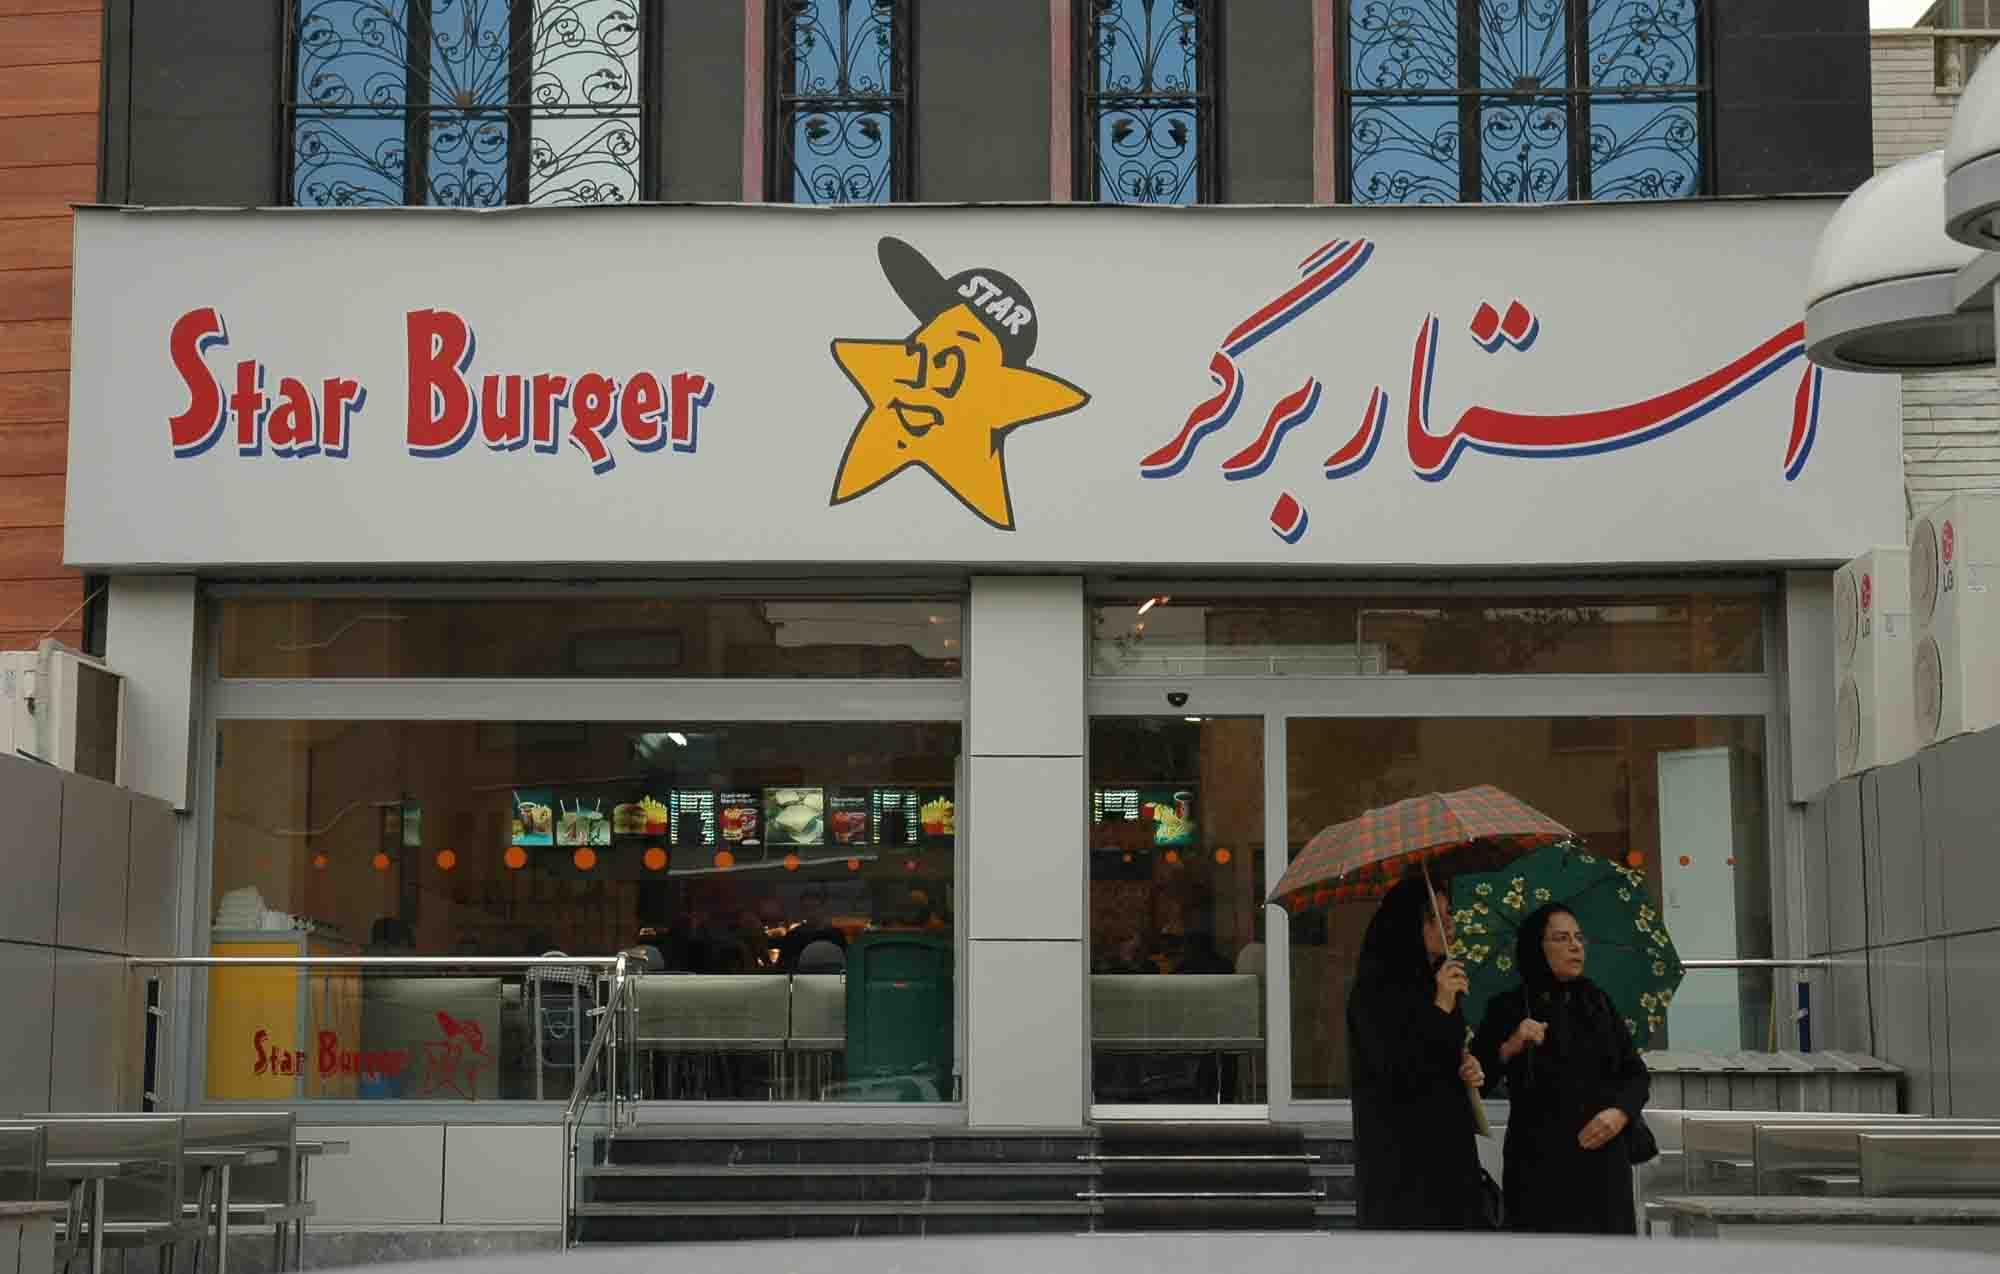 Star burger fast food tehran iran copyright ali torkzadeh escapefromtehran com 9622